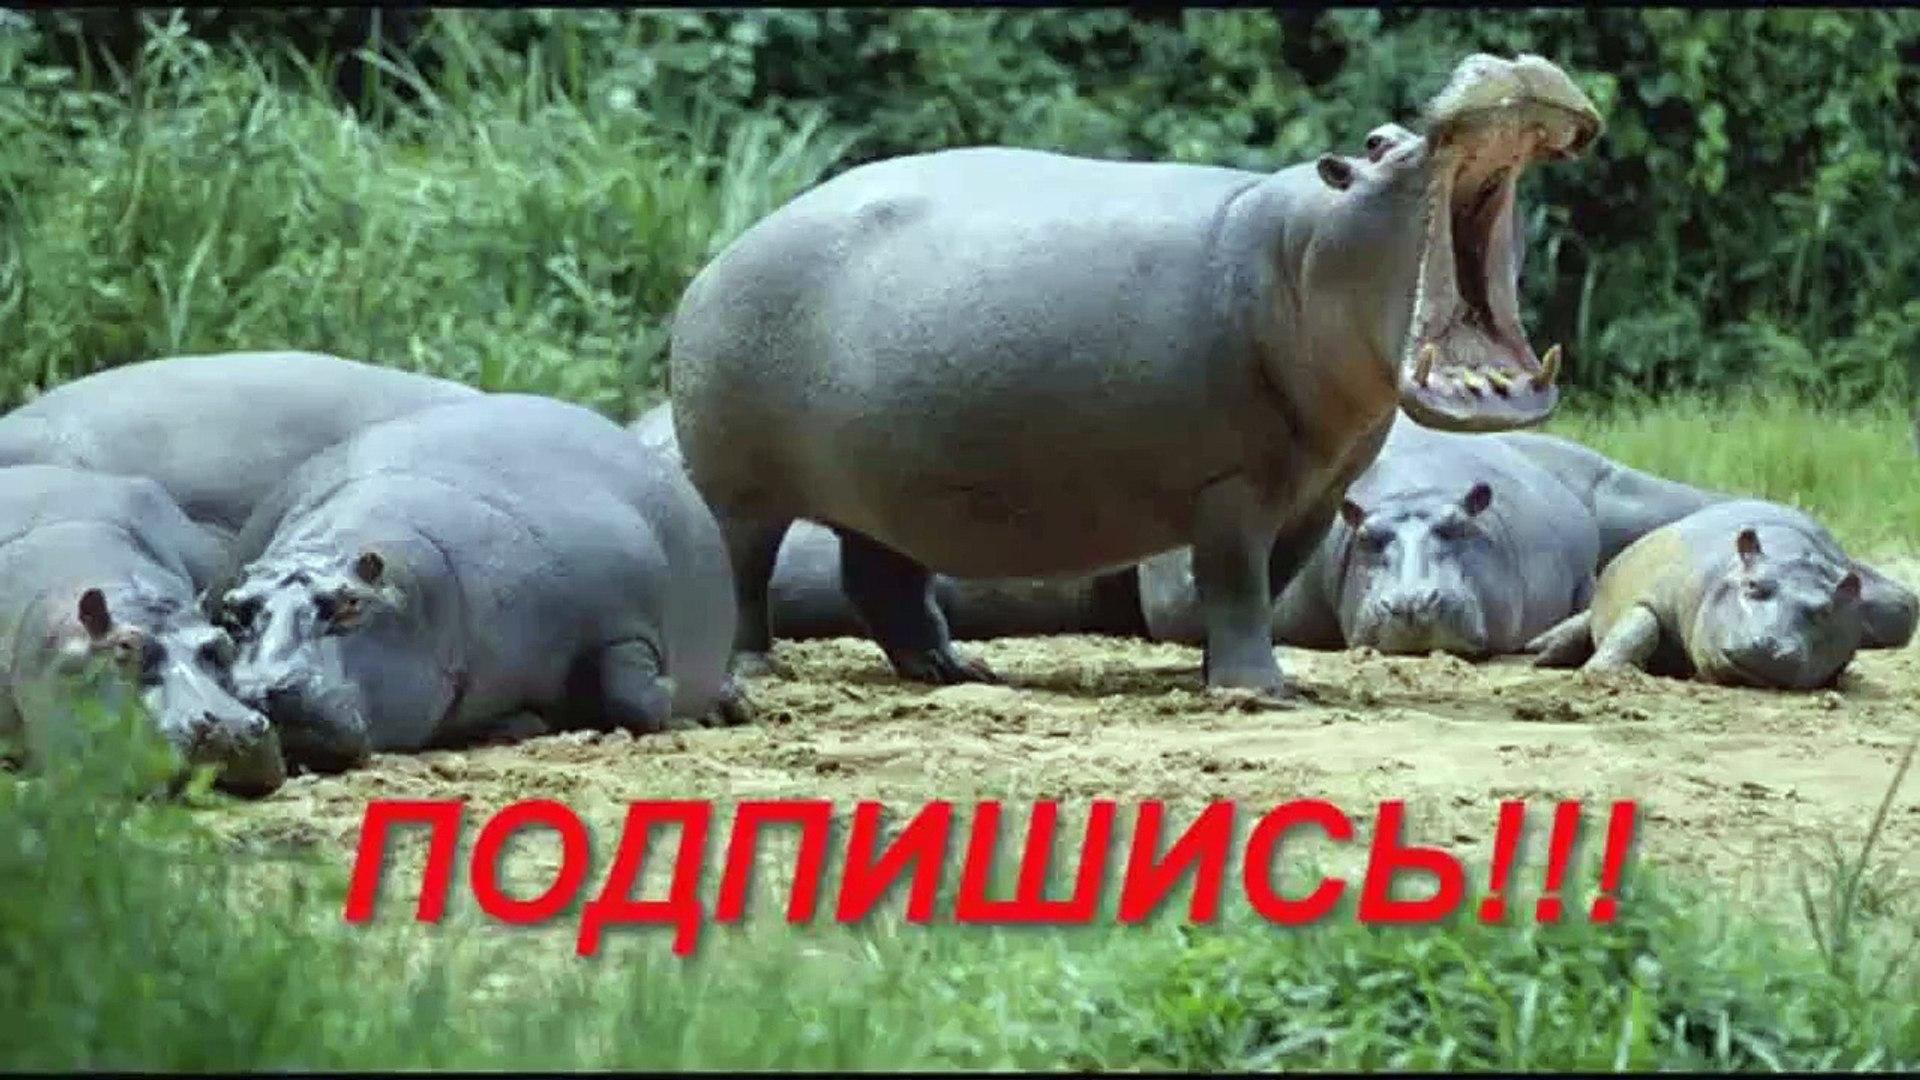 Приколы с животными №52 Притворись мертвым часть 2. Собаки HD Смешные животные Animal vide